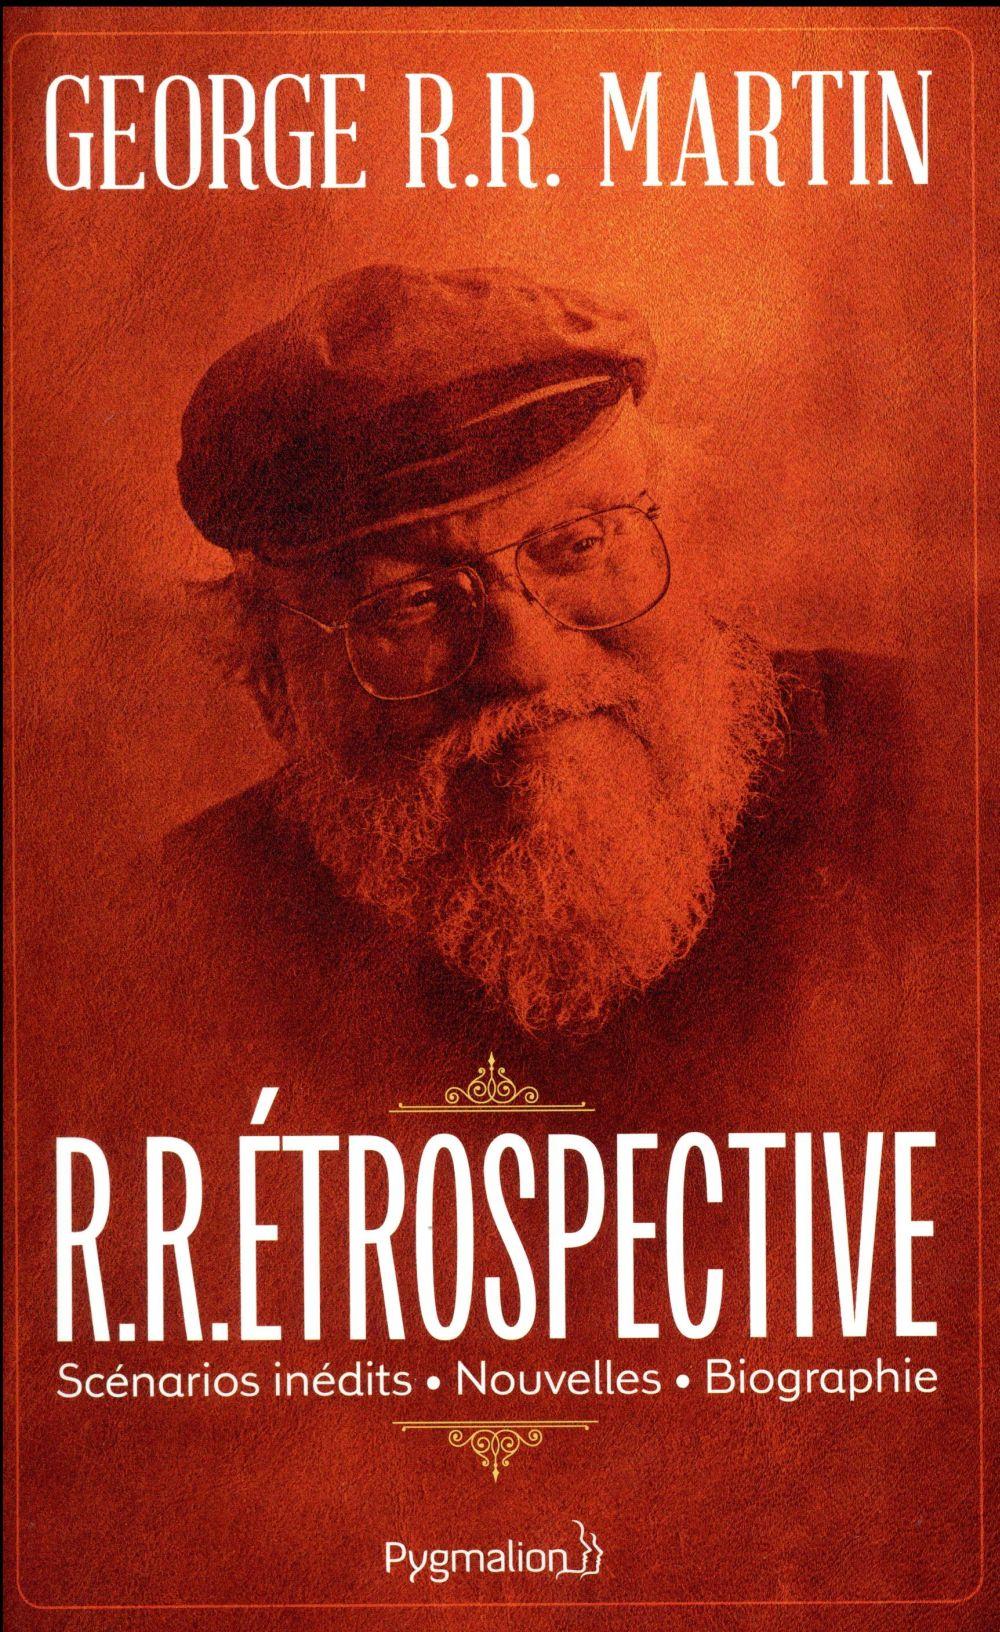 Rétrospective : scénarios inédits, nouvelles, biographie